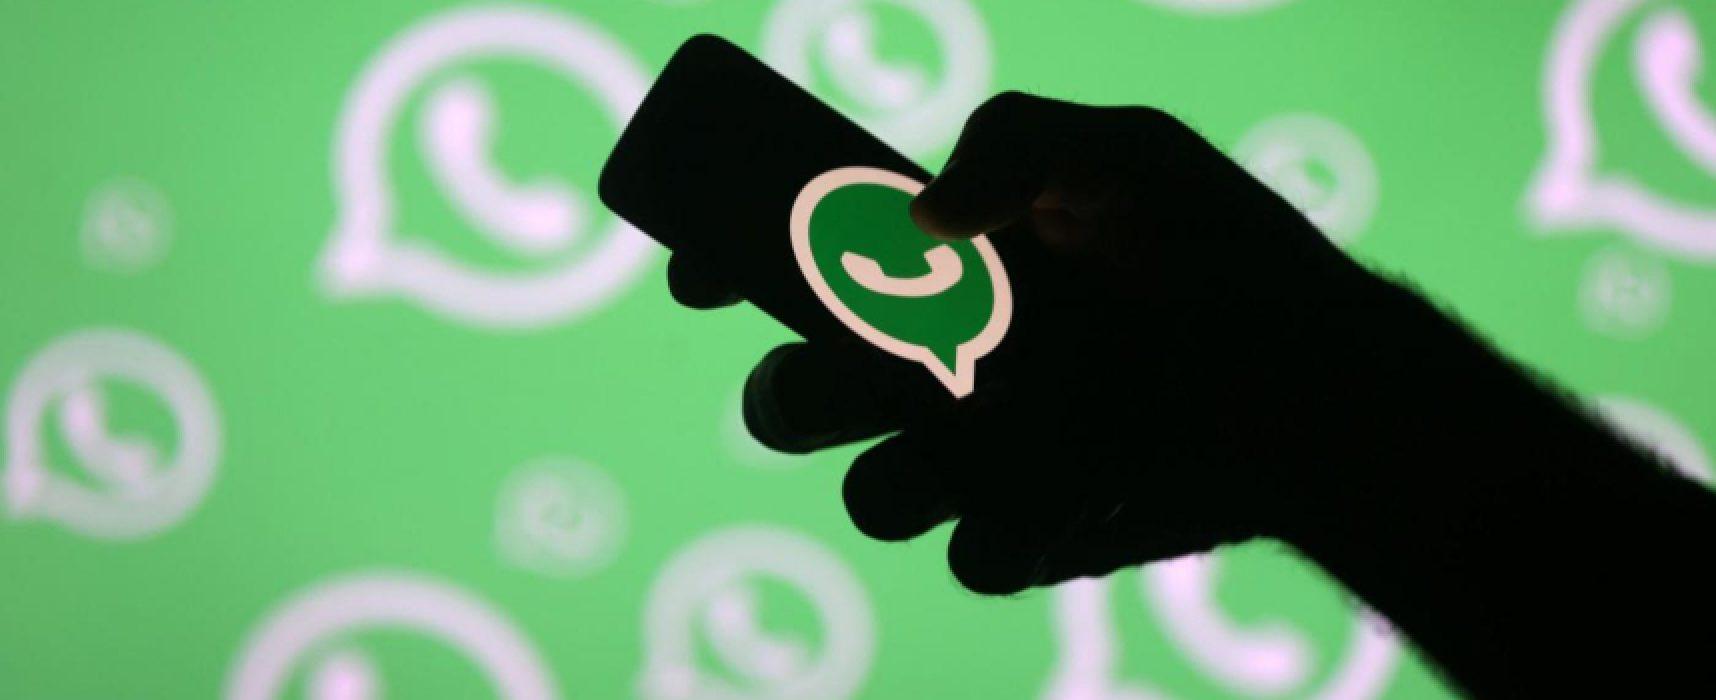 Raccolta rifiuti, attiva linea whatsapp per comunicare con Energetikambiente